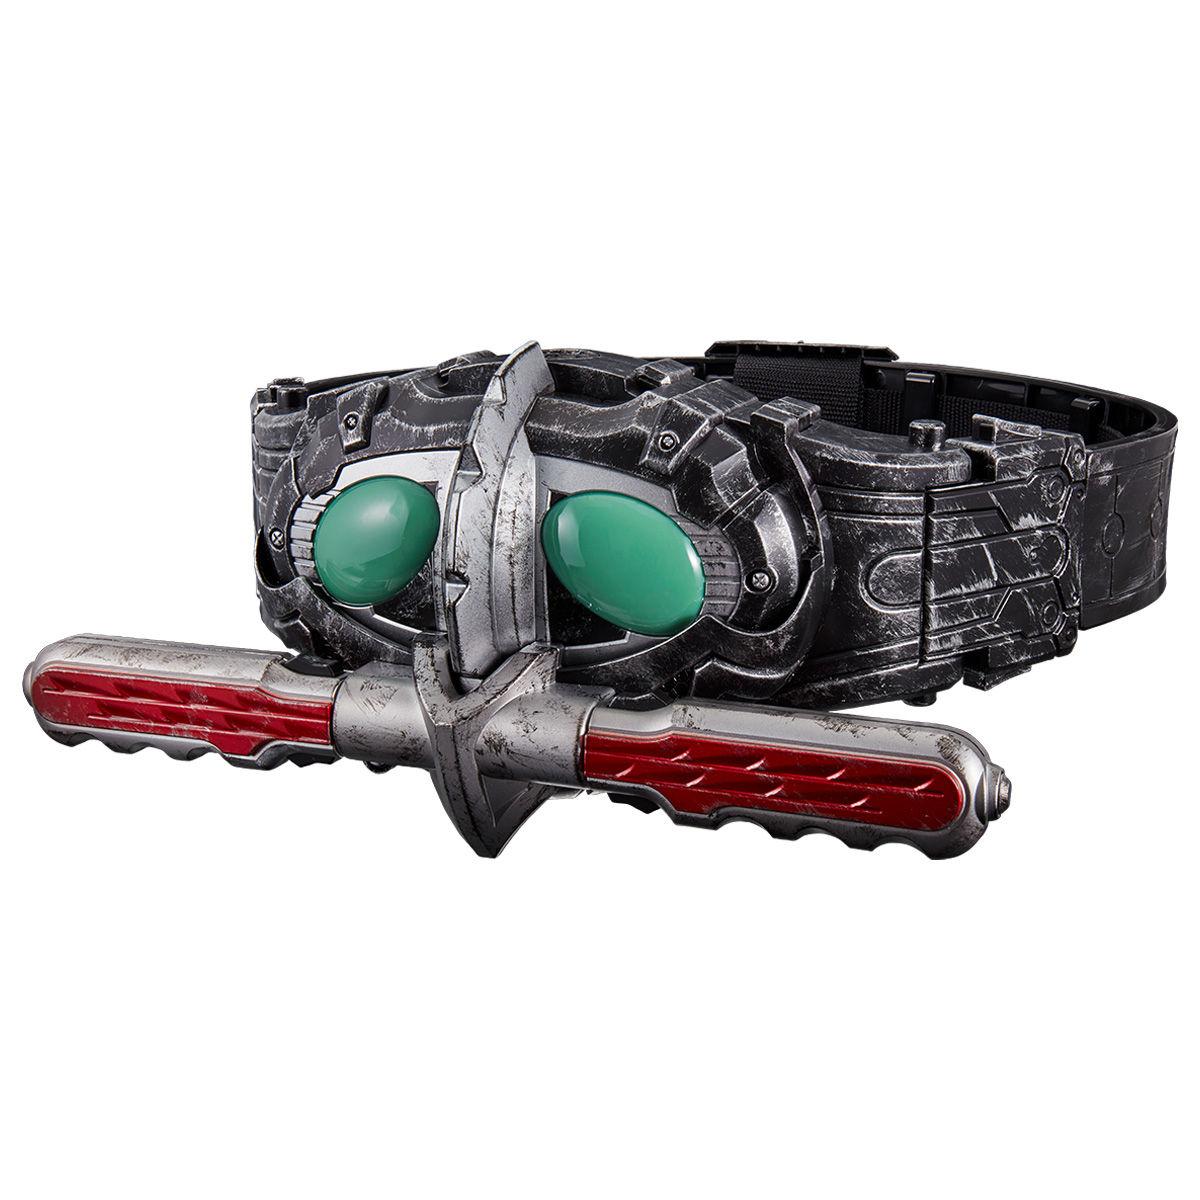 【限定販売】CSM『アマゾンズドライバーver.アルファ』仮面ライダーアマゾンズ 変身なりきり-002